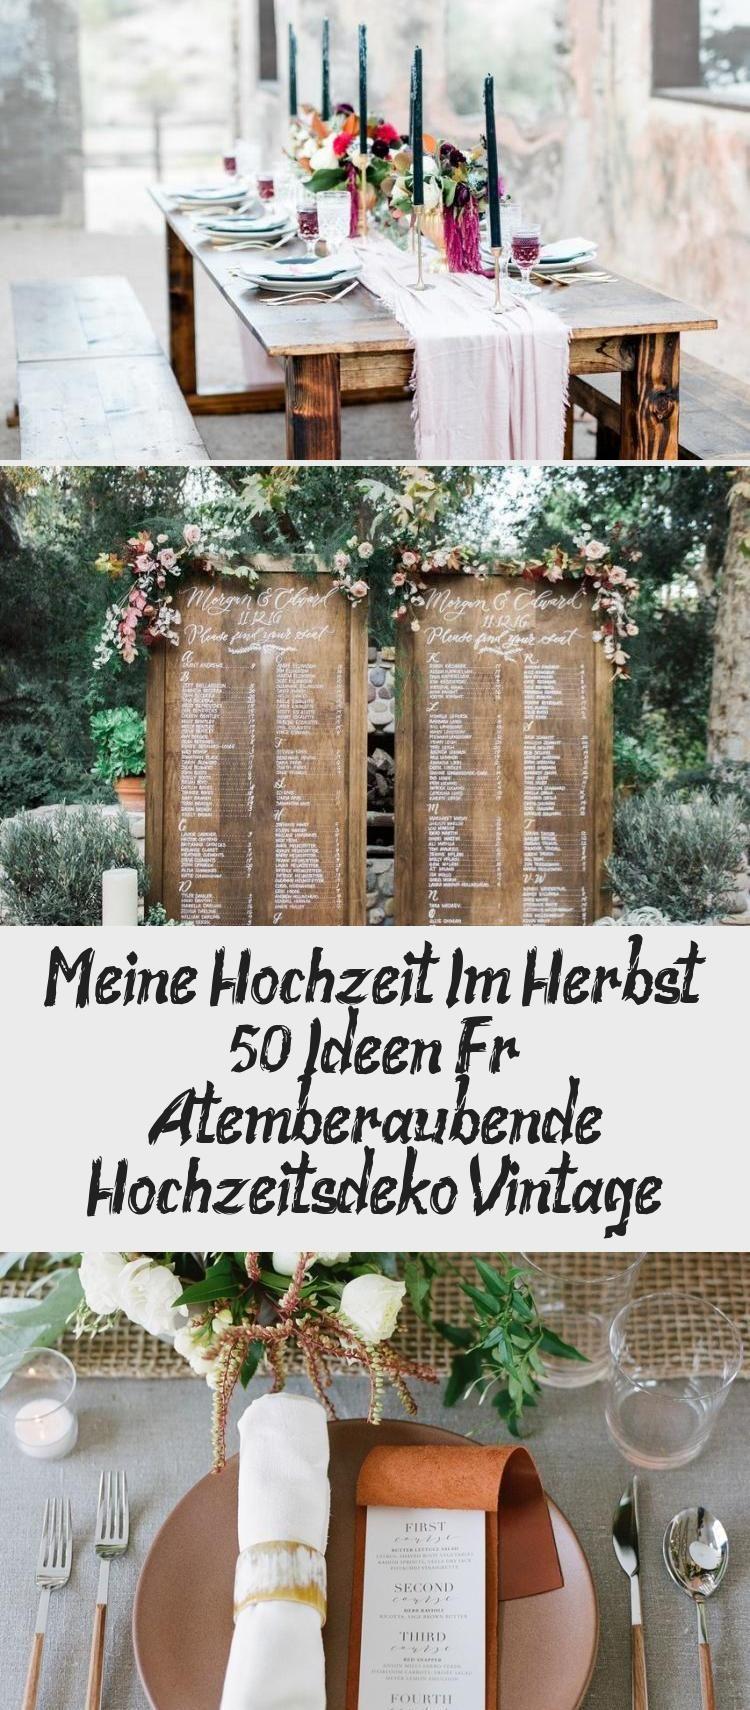 Meine Hochzeit Im Herbst: 50+ Ideen Für Atemberaubende Hochzeitsdeko Vintage #herbstlichetischdeko